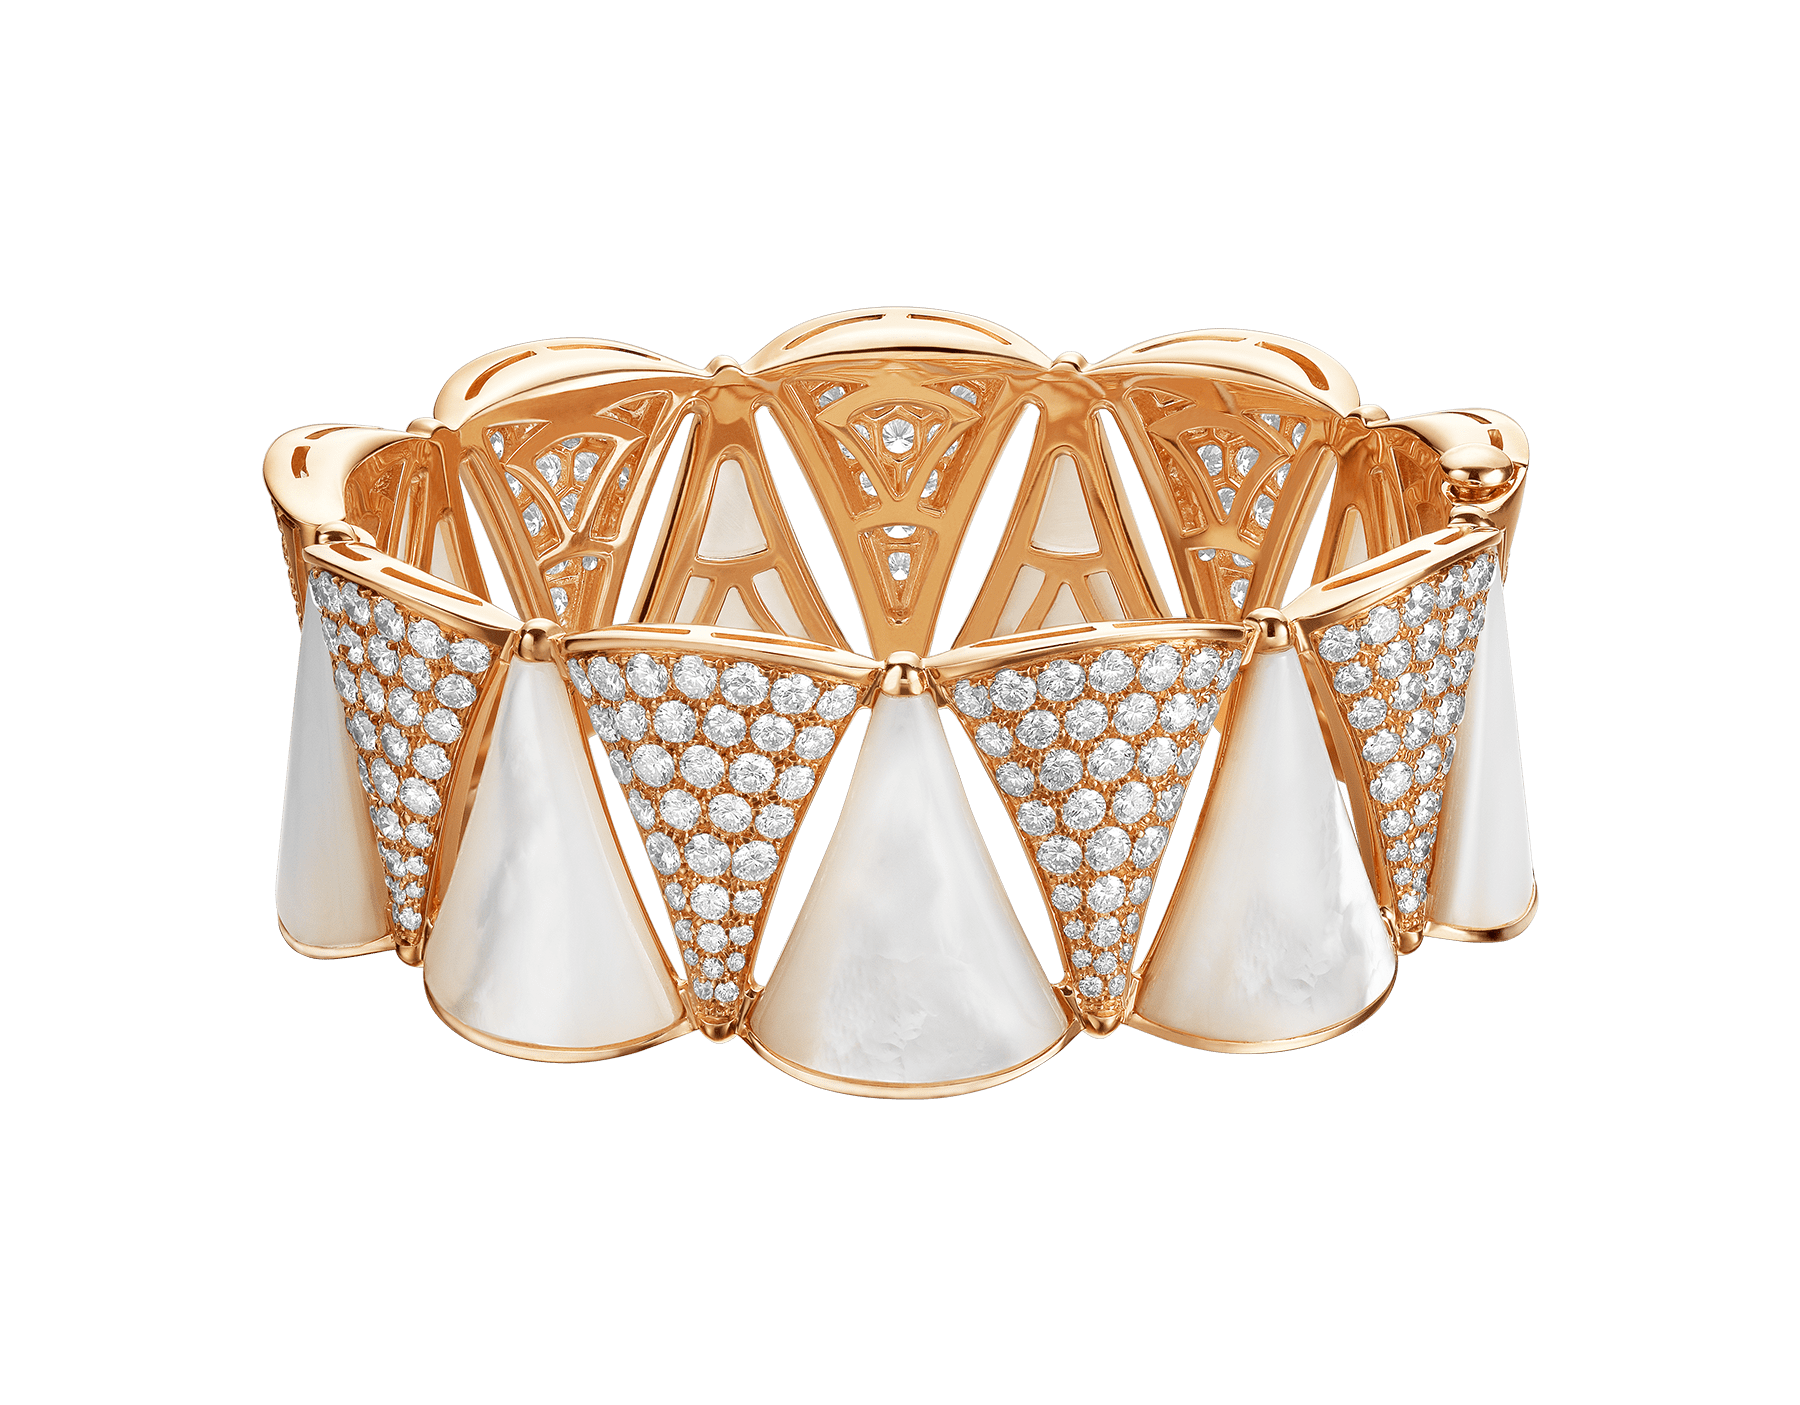 Produzida com o brilho de diamantes e a elegância etérea da madrepérola, a pulseira DIVAS' DREAM envolve o pulso com a pureza da beleza feminina. BR856837 image 1